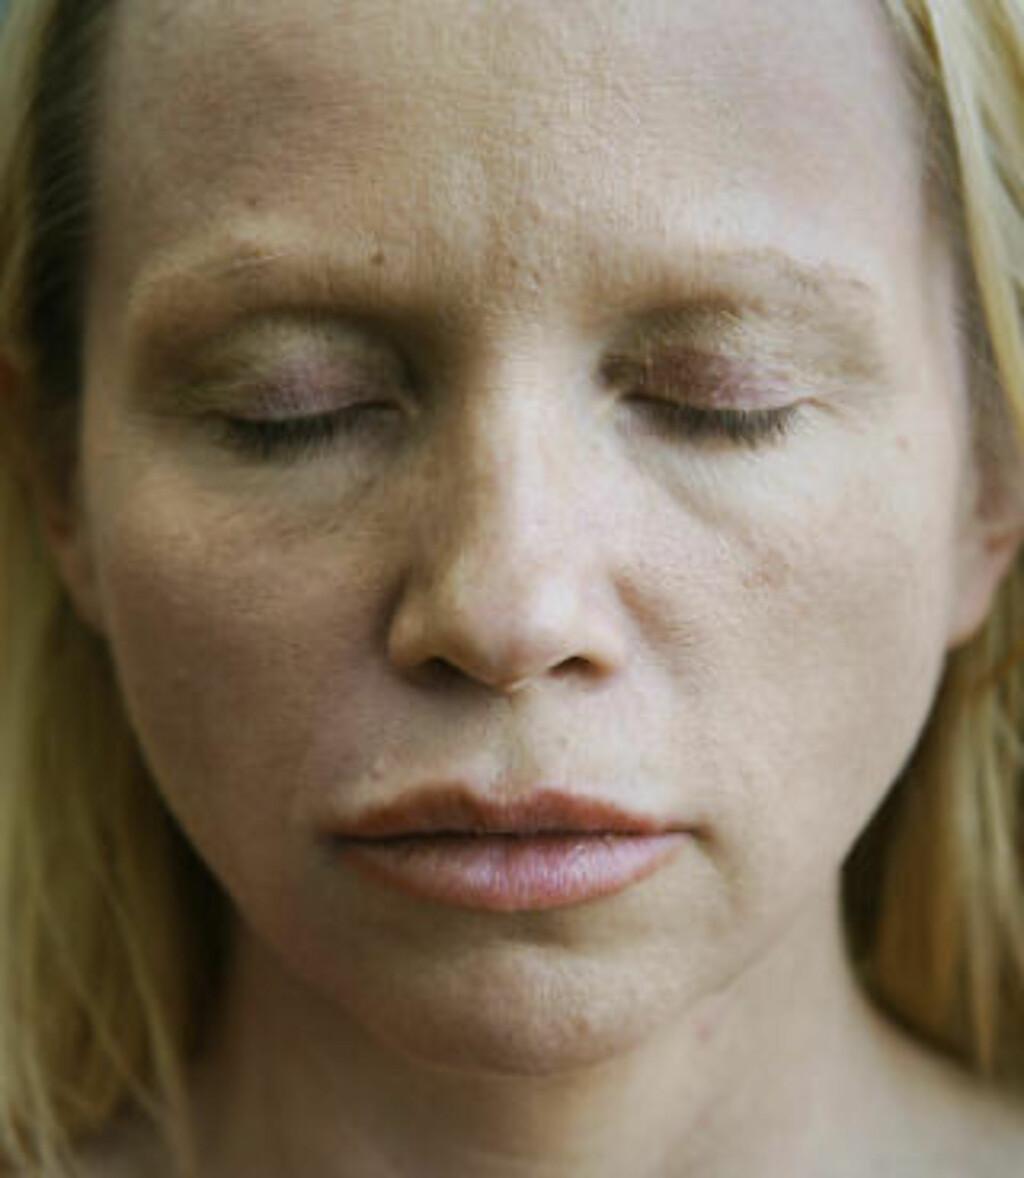 MÅTTE GÅ MED SOLBRILLER: Laila Bergsli sier hun har fått store mengder rynker og løs hud på øyelokkene etter operasjonen. Foto: Steinar Buholm/Dagbladet